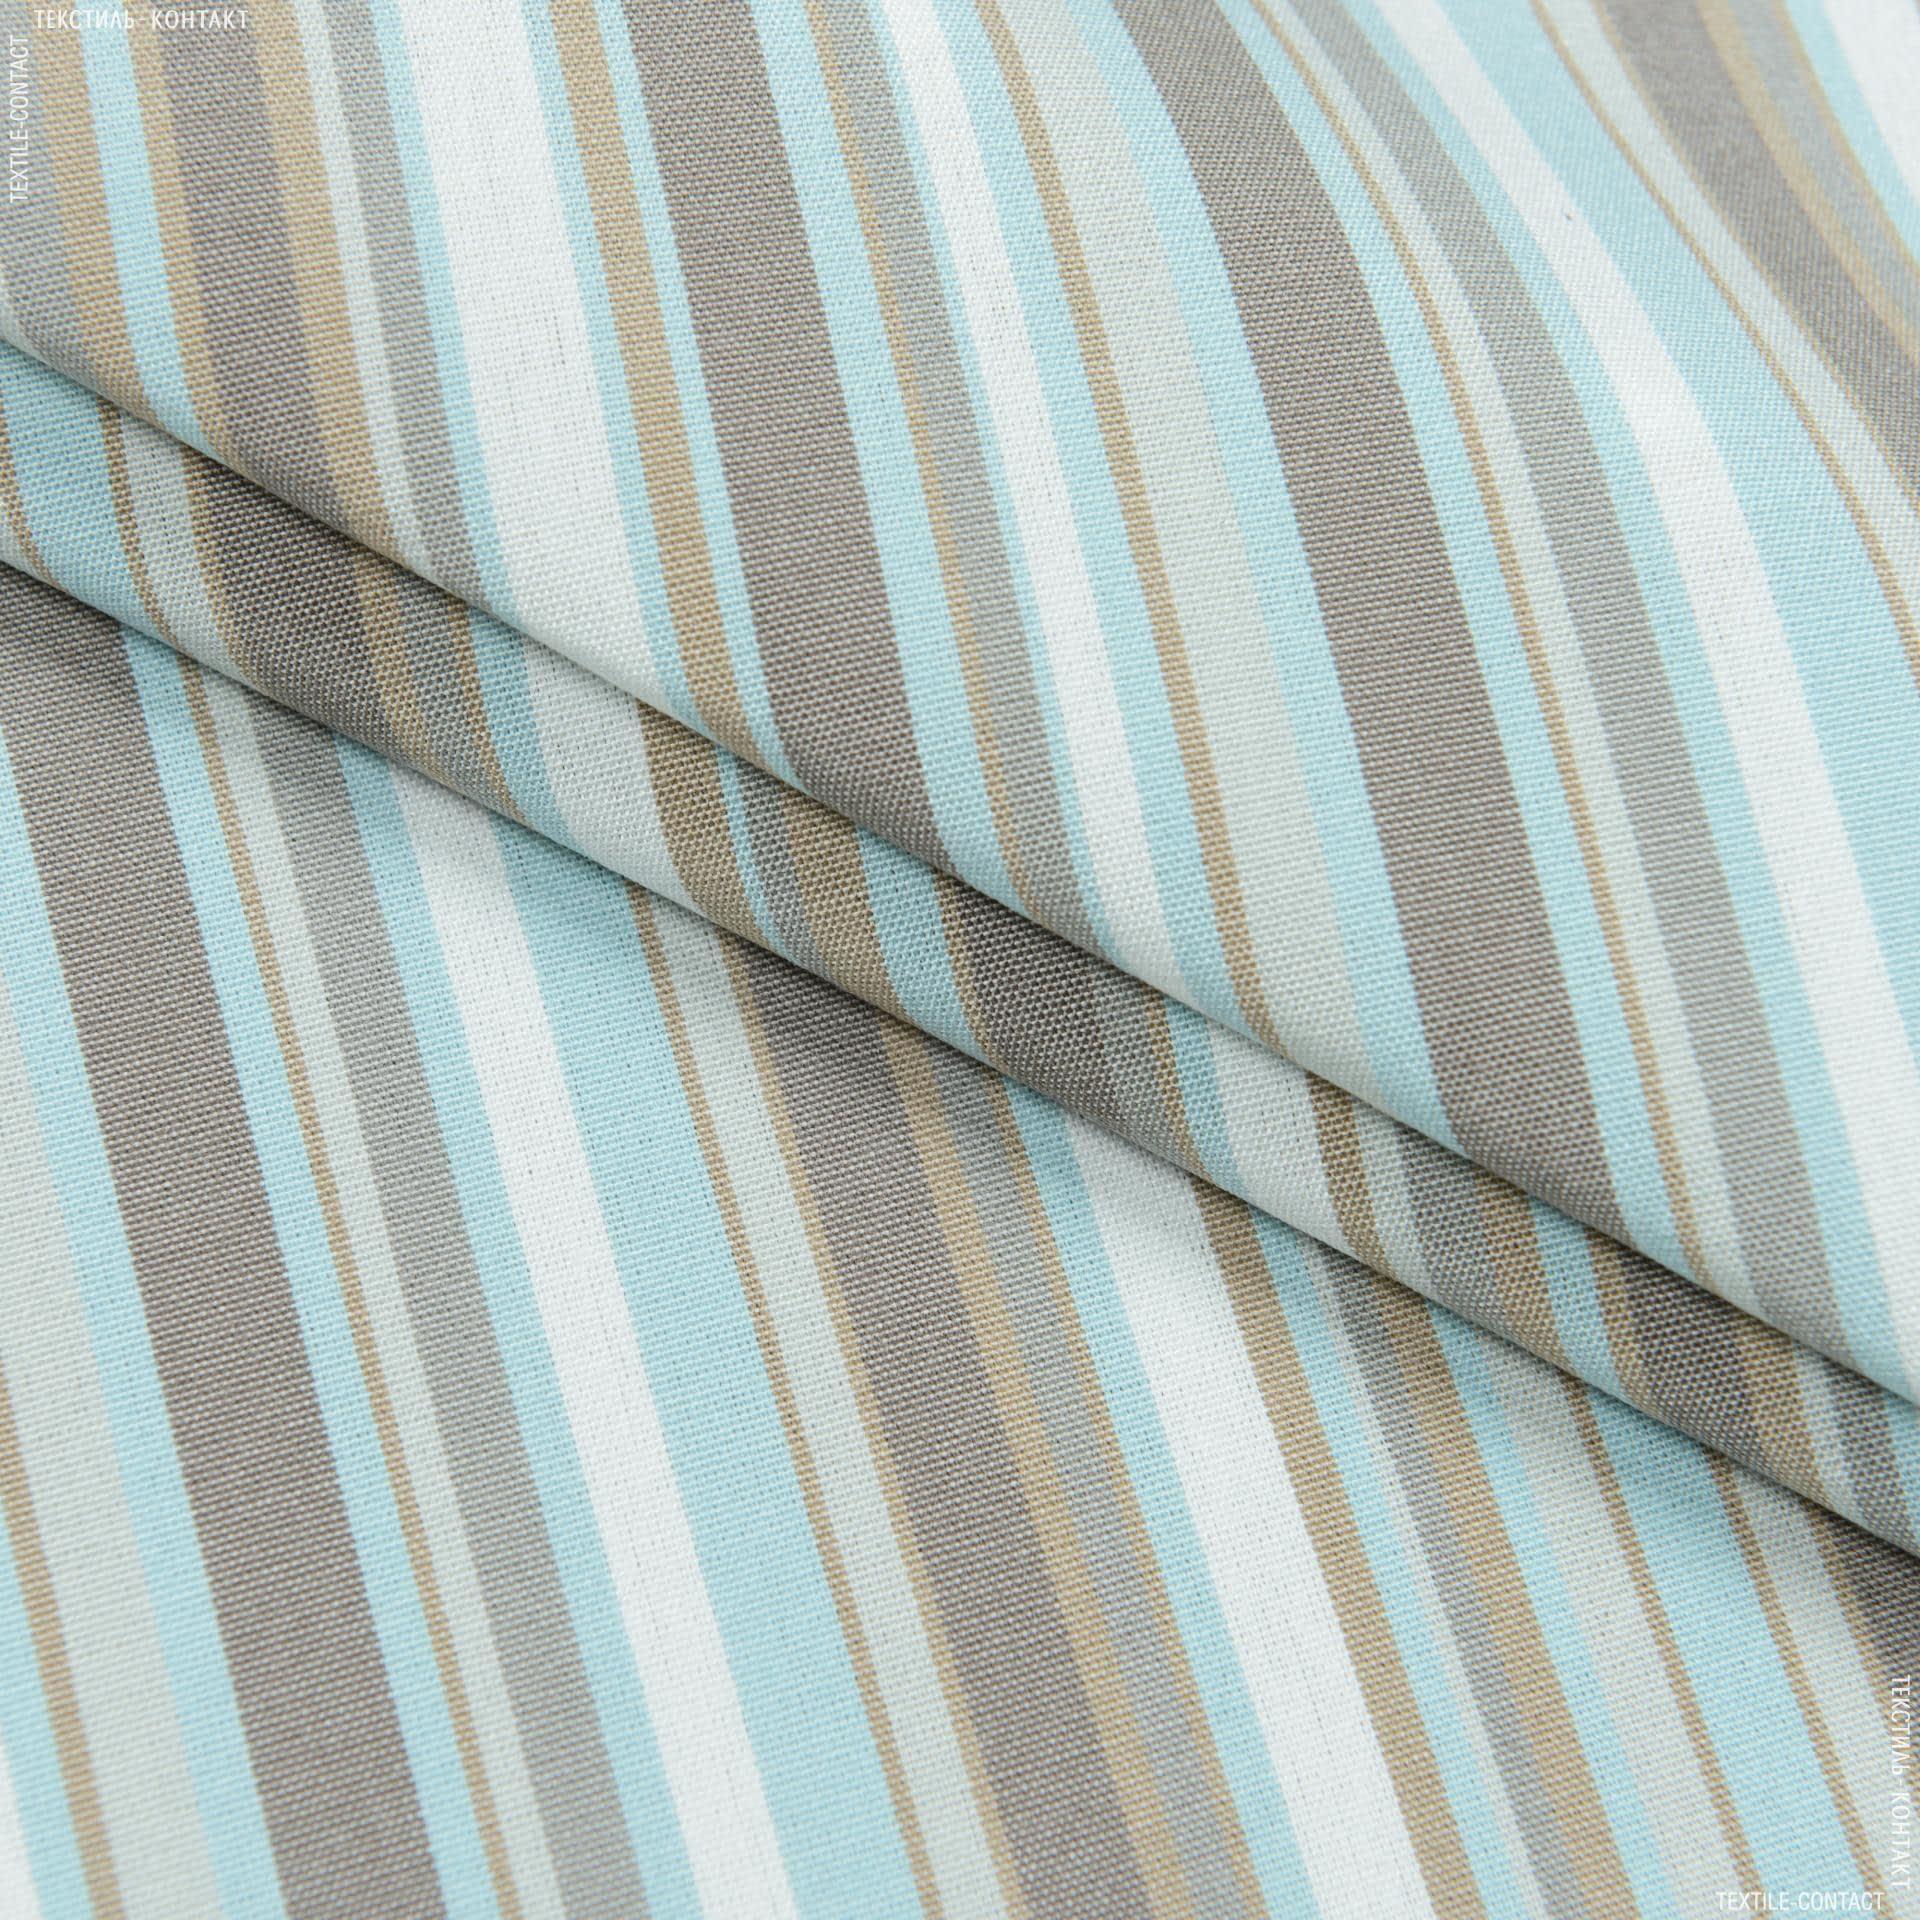 Ткани портьерные ткани - Дралон полоса  мелкая/ бирюза, серый , беж  FRBS1